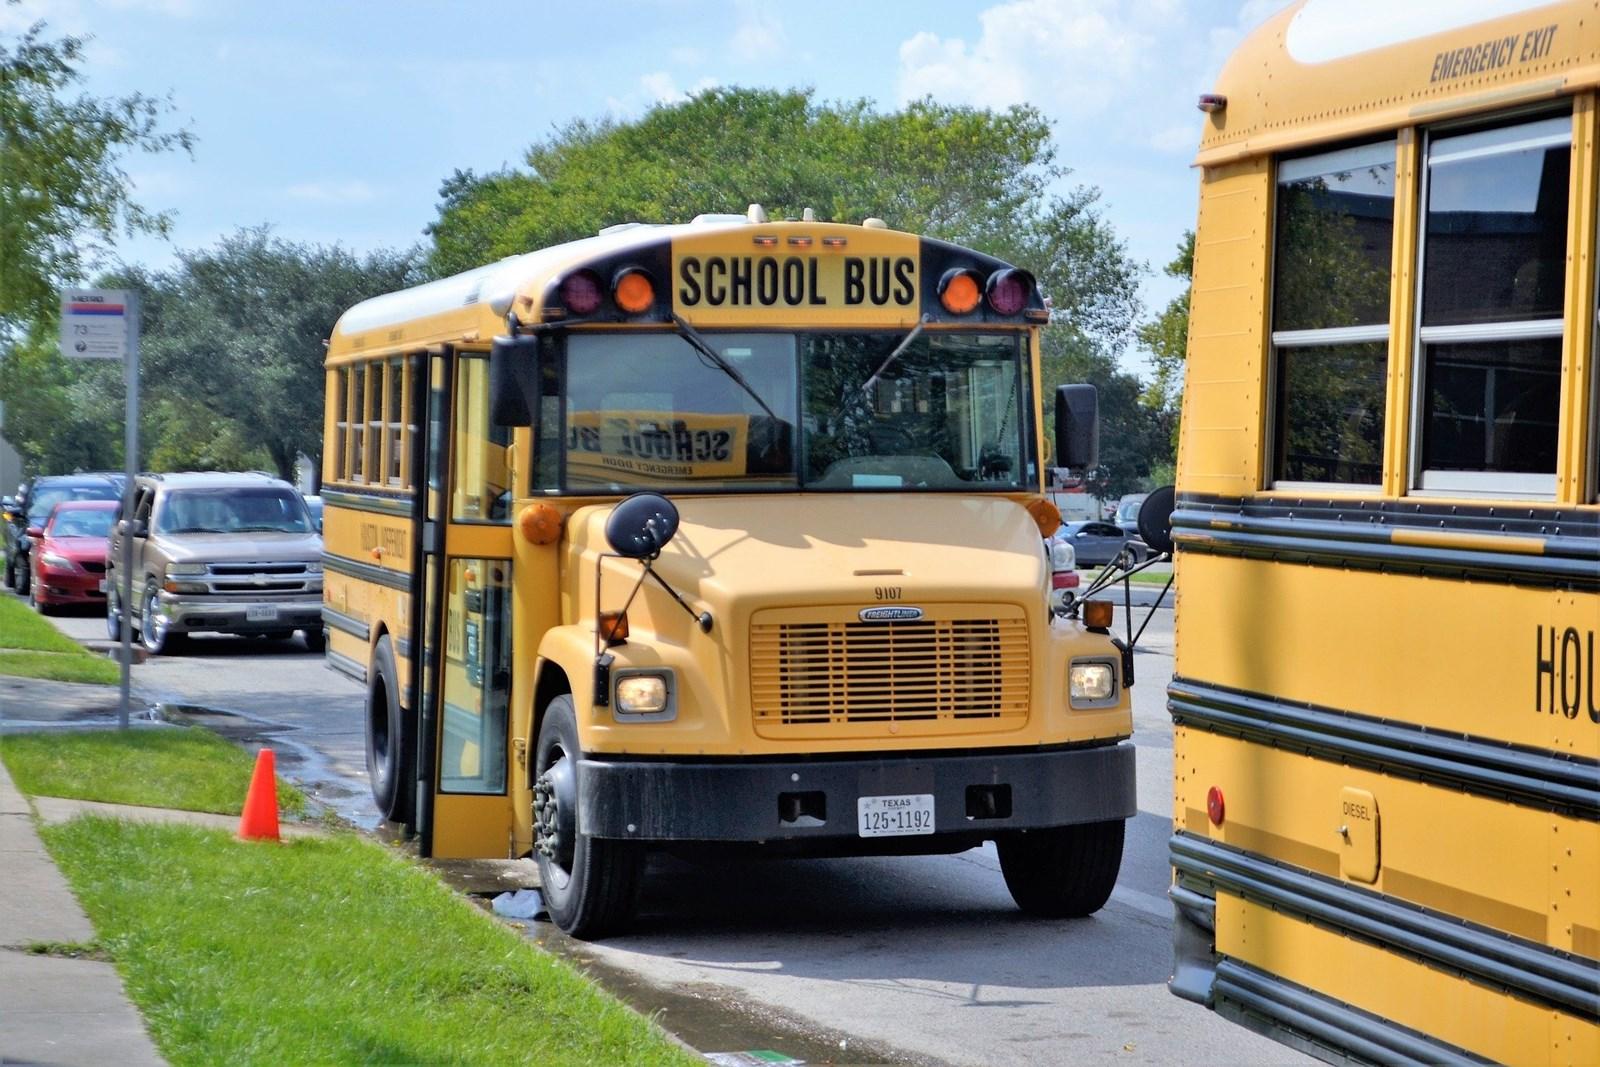 school-buses-2801134_1920.jpg